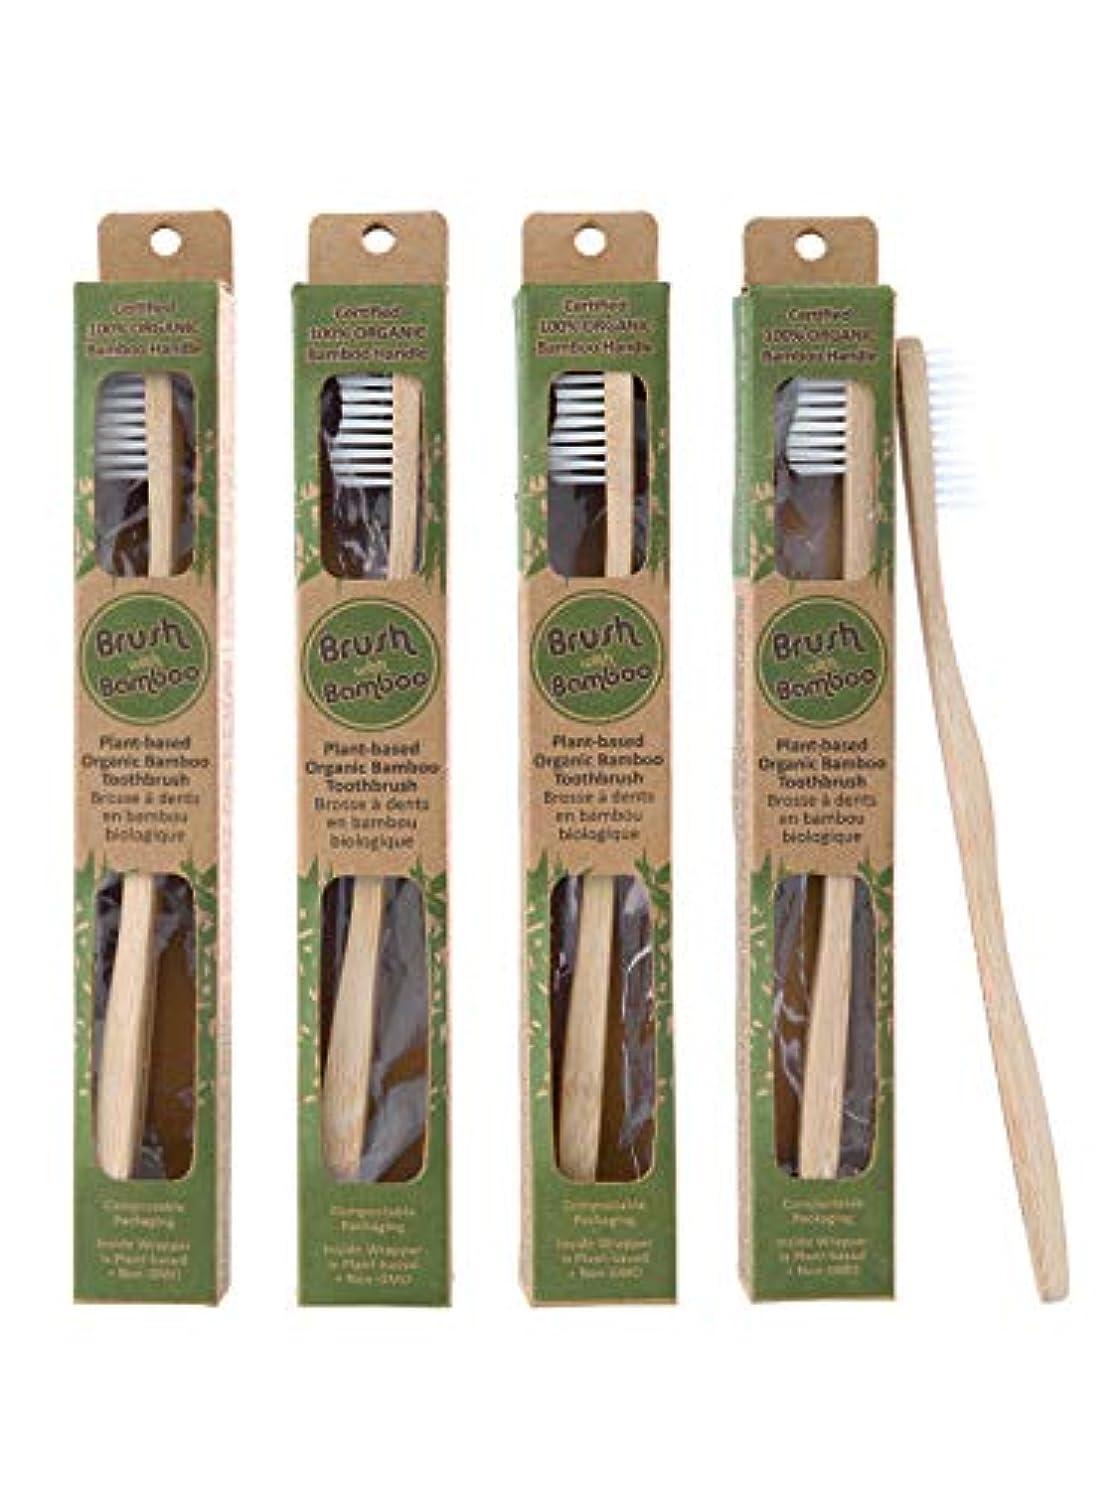 失速素晴らしさ受け継ぐPlant-based Bamboo Toothbrush Adult Size 4 Pack by Brush with Bamboo